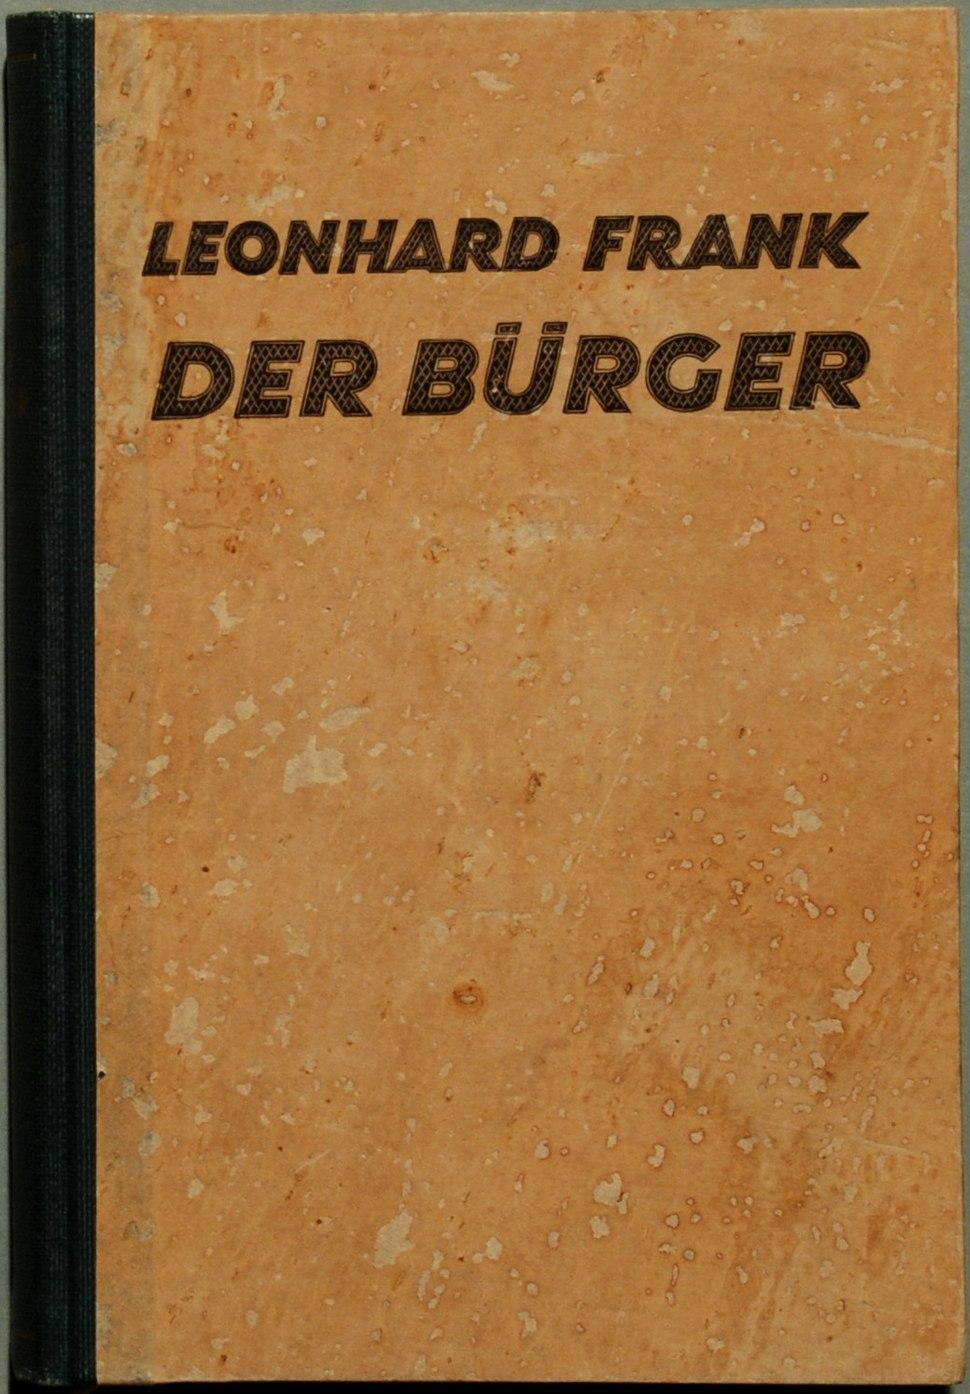 1924 Leonhard Frank der B%C3%BCrger